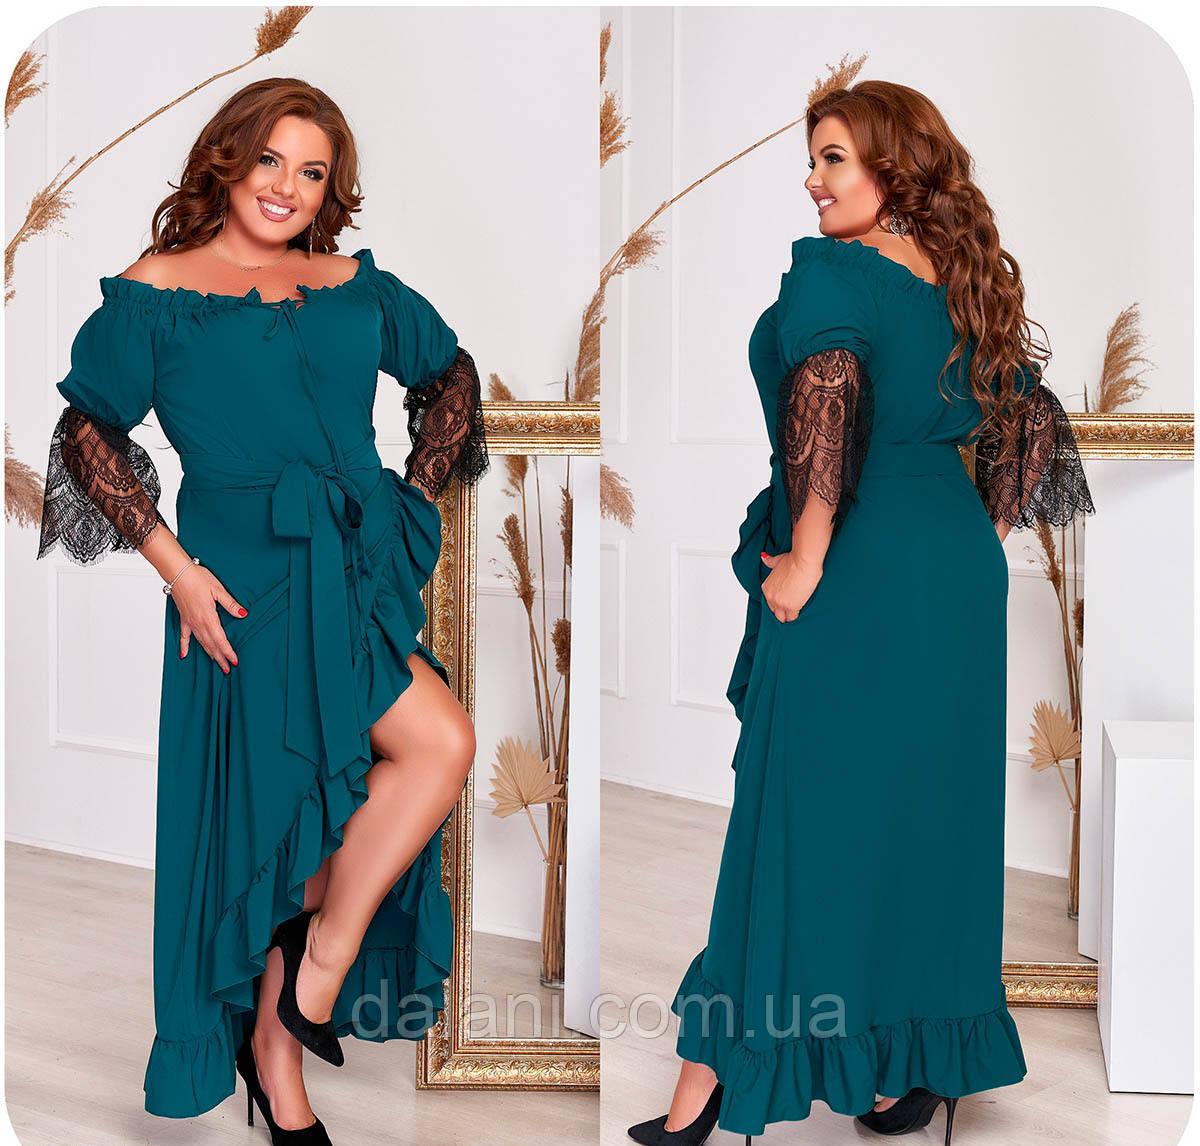 Вечірнє зелене плаття максі з відкритими плечима батал